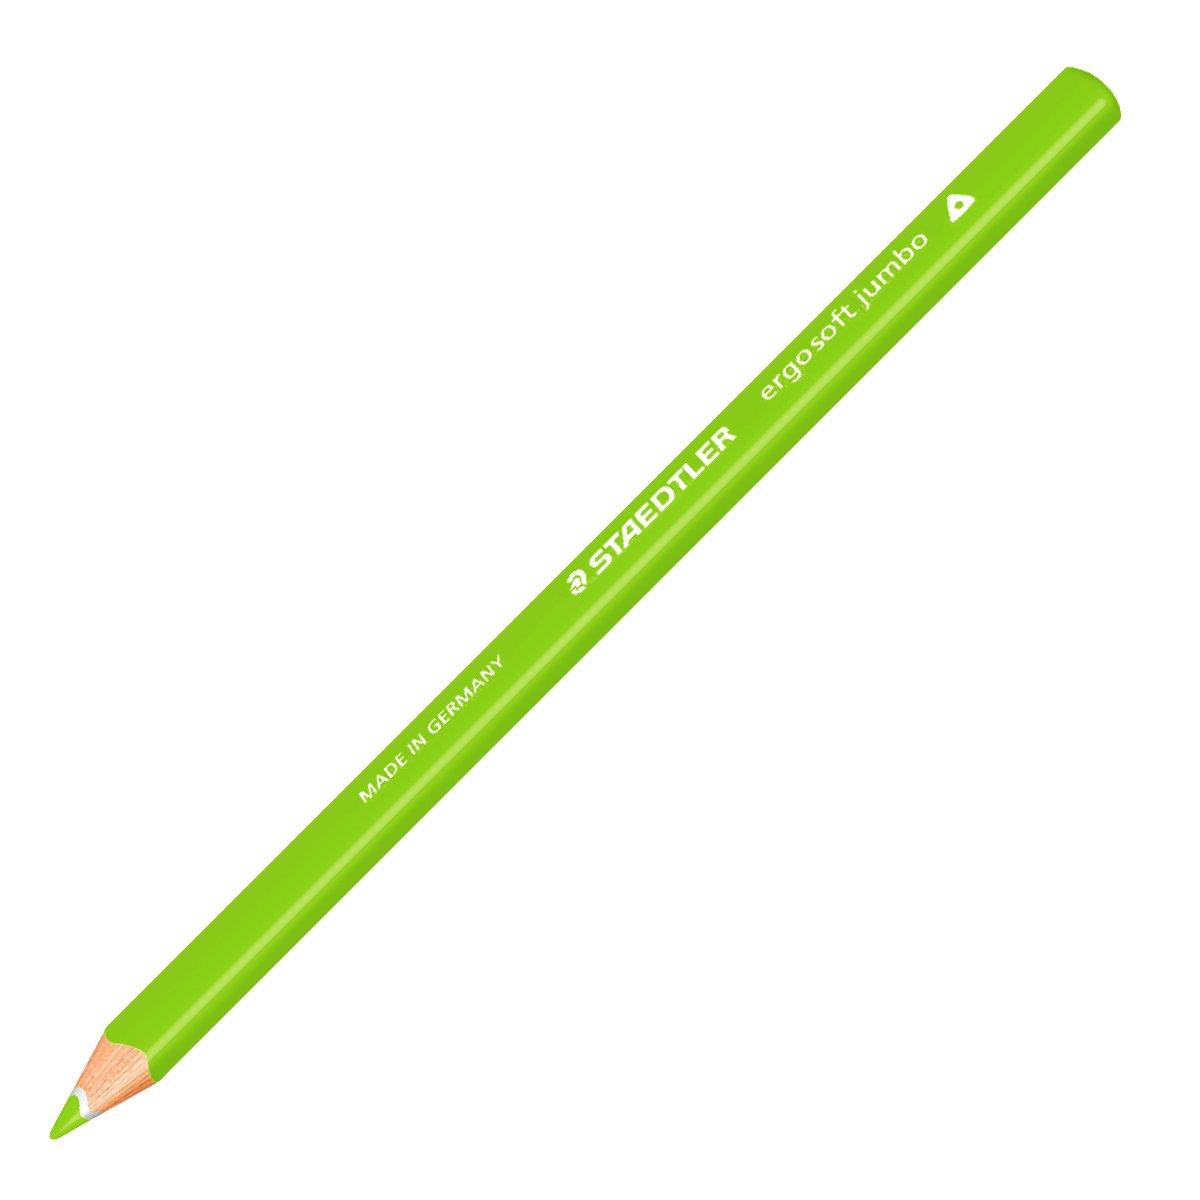 ステッドラー B000KJP7AY エルゴソフト鉛筆太軸 ステッドラー ブルー B000KJP7AY ウイローグリーン ウイローグリーン, インテリアと雑貨のお店 モリーフ:b5decf7d --- itxassou.fr